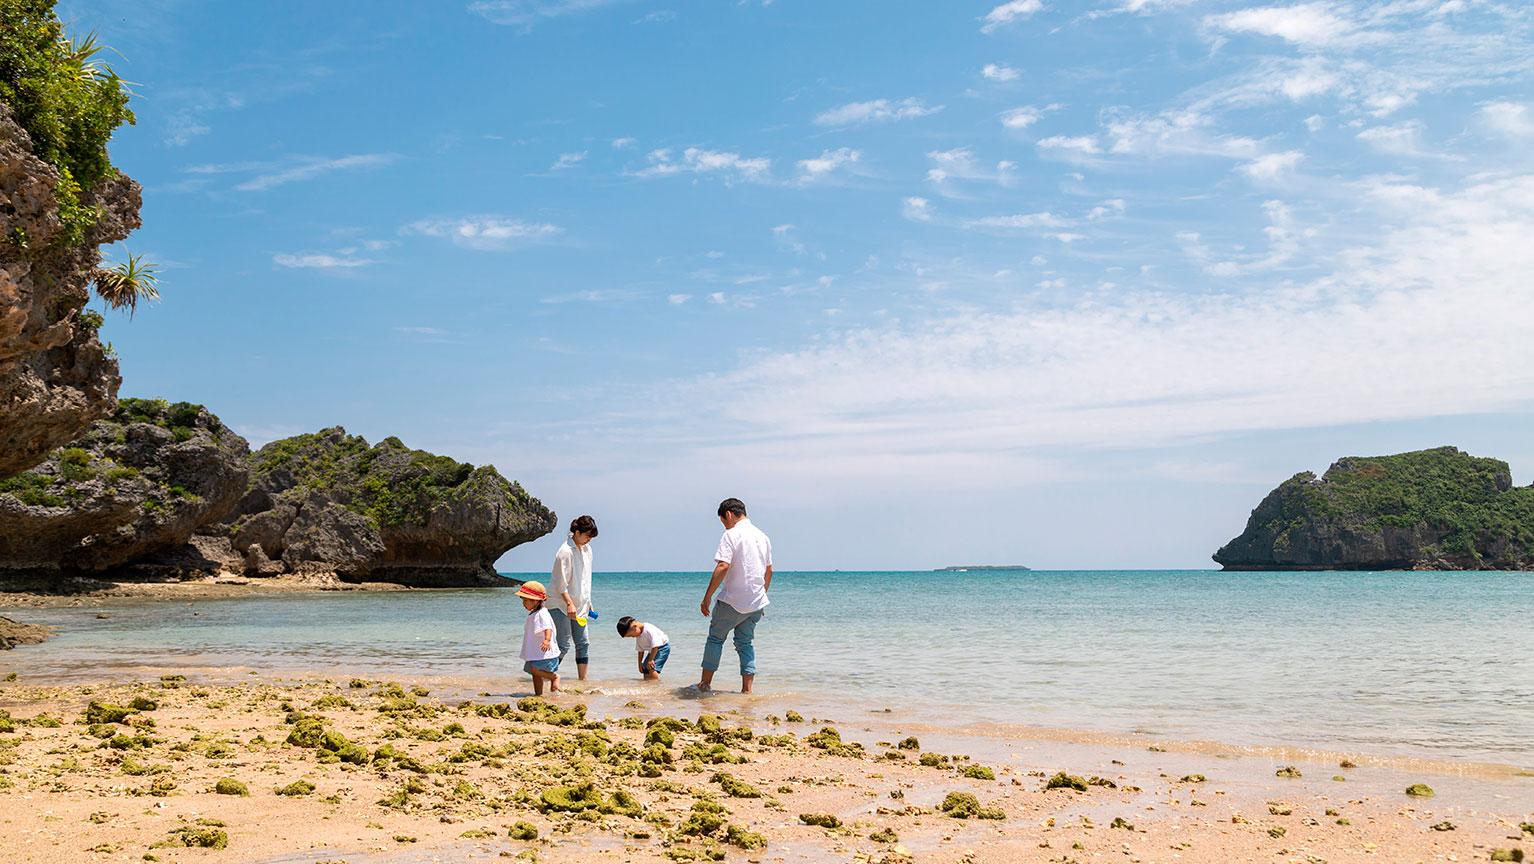 沖縄の文化・自然